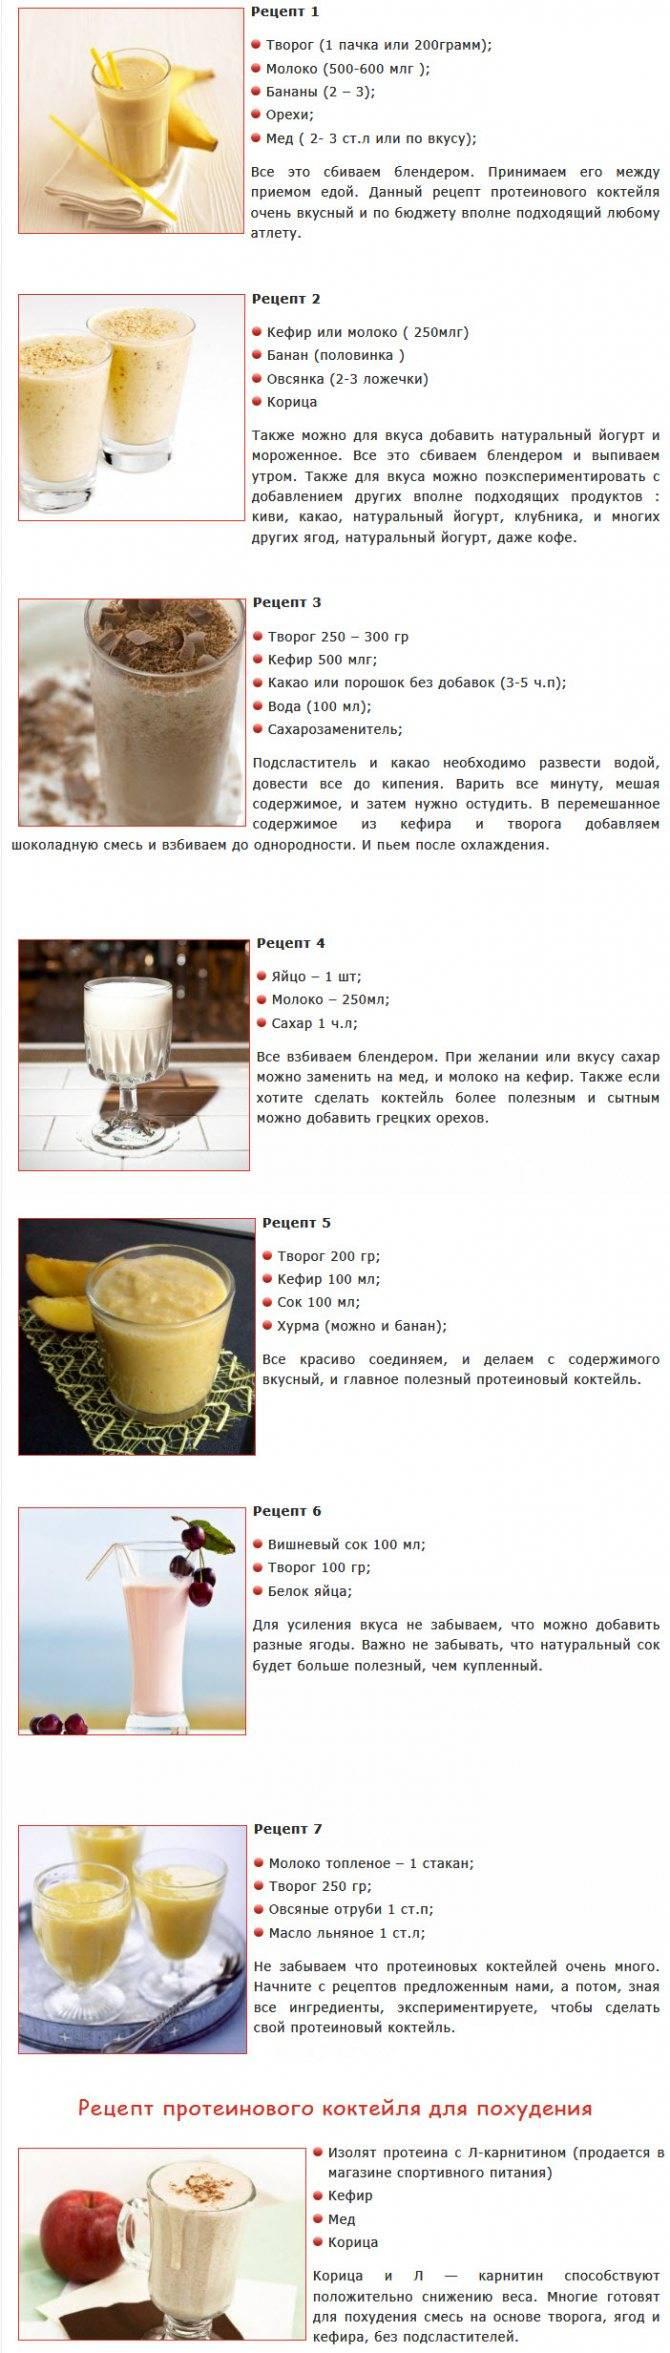 Как сделать домашний шоколад из какао без молока: рецепт приготовления шоколада в домашних условиях